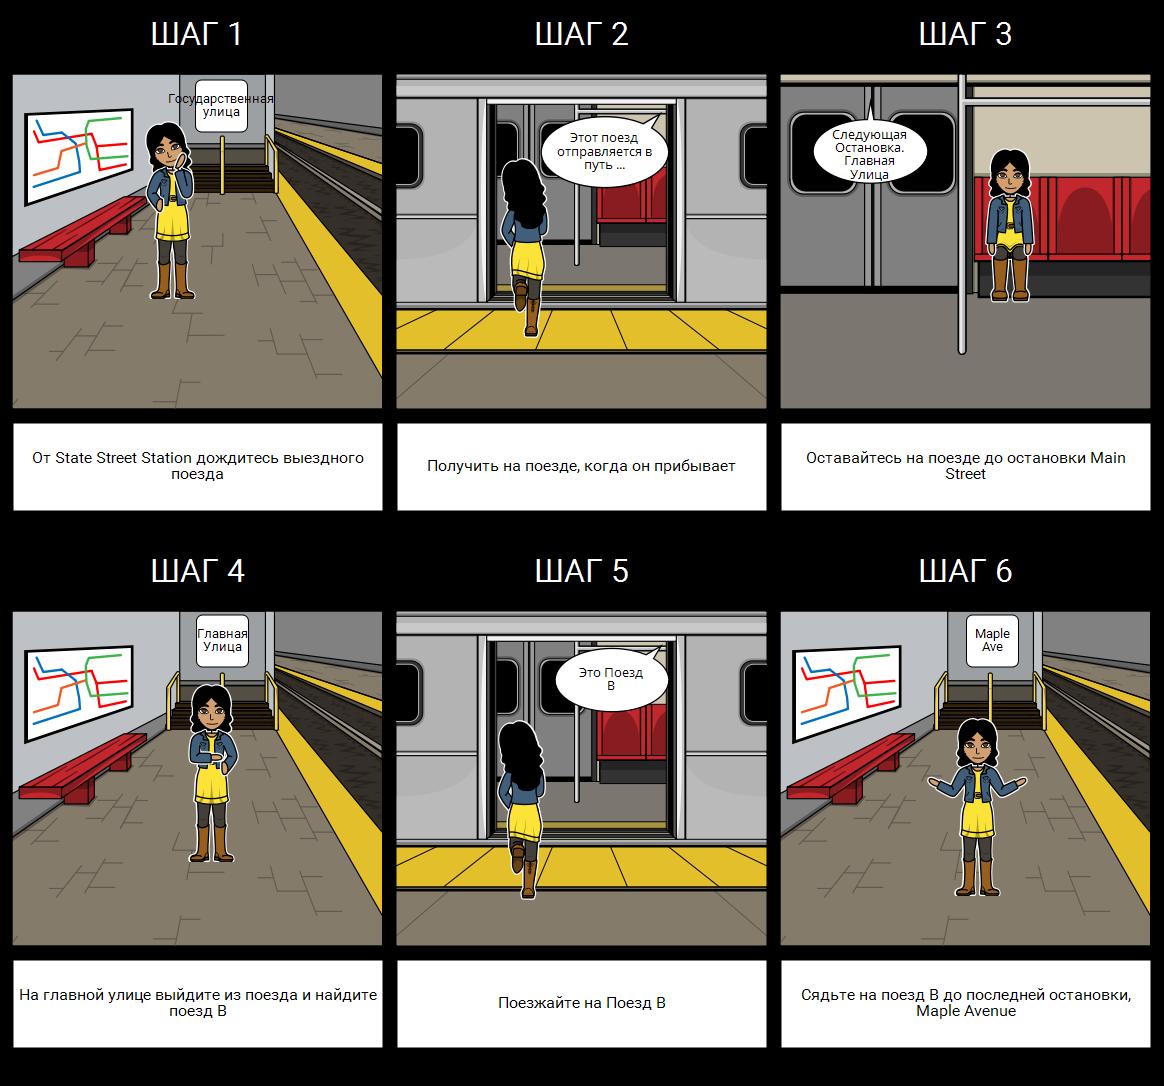 Как к Доскам - Общественный Транспорт